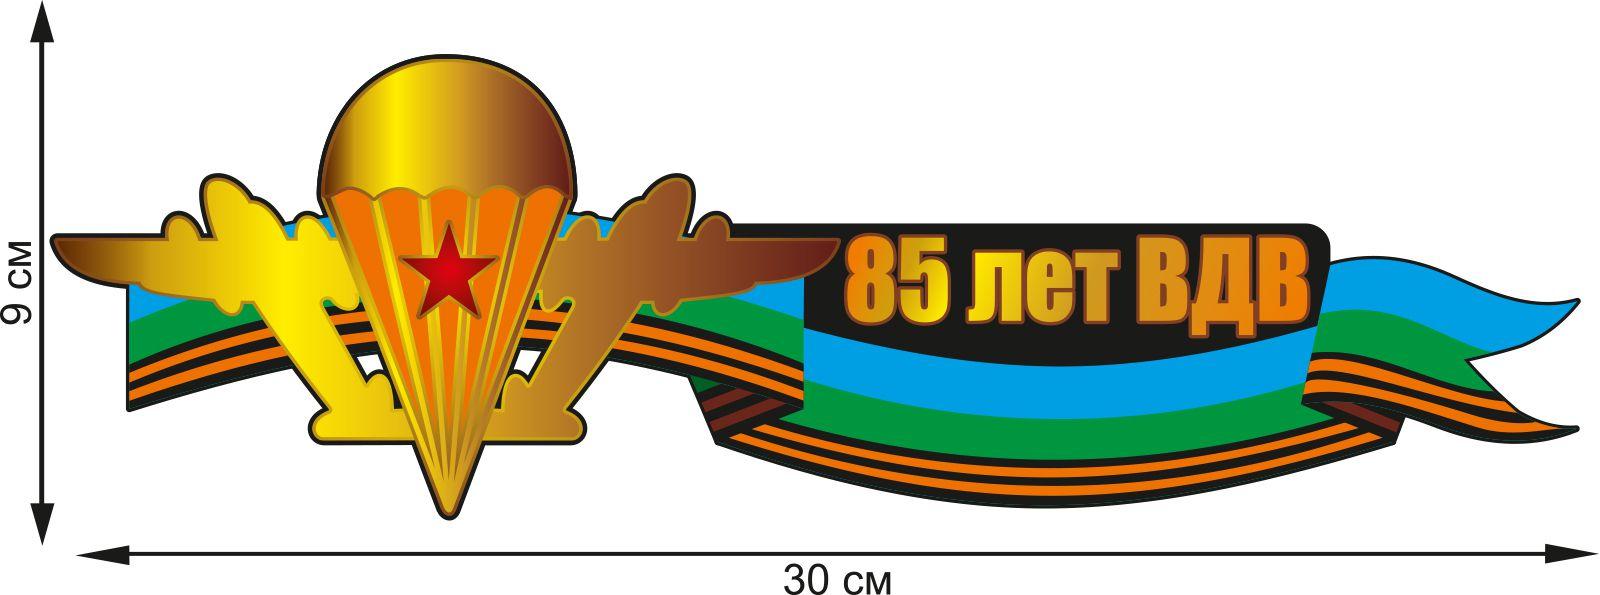 """Наклейка к празднику """"85 лет ВДВ"""""""